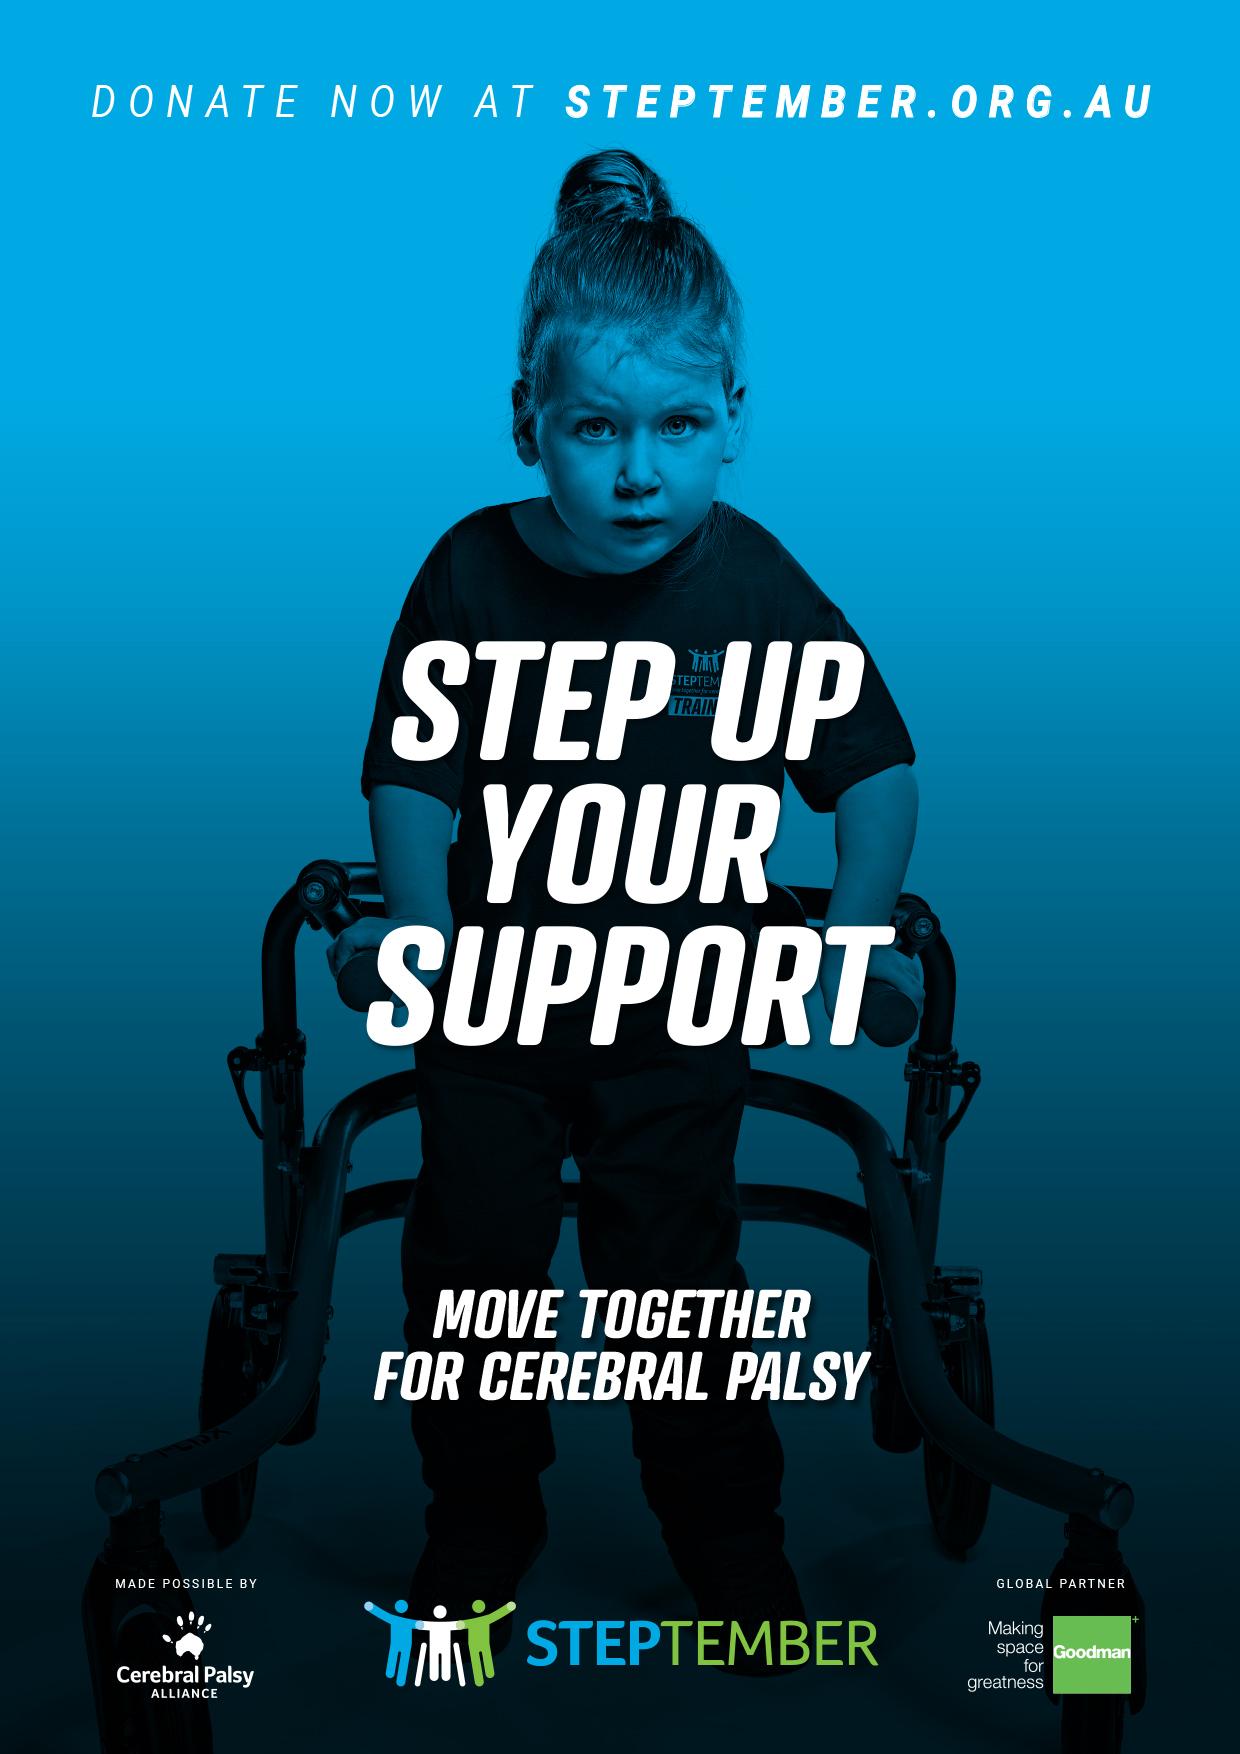 Cerebral Palsy Campaign